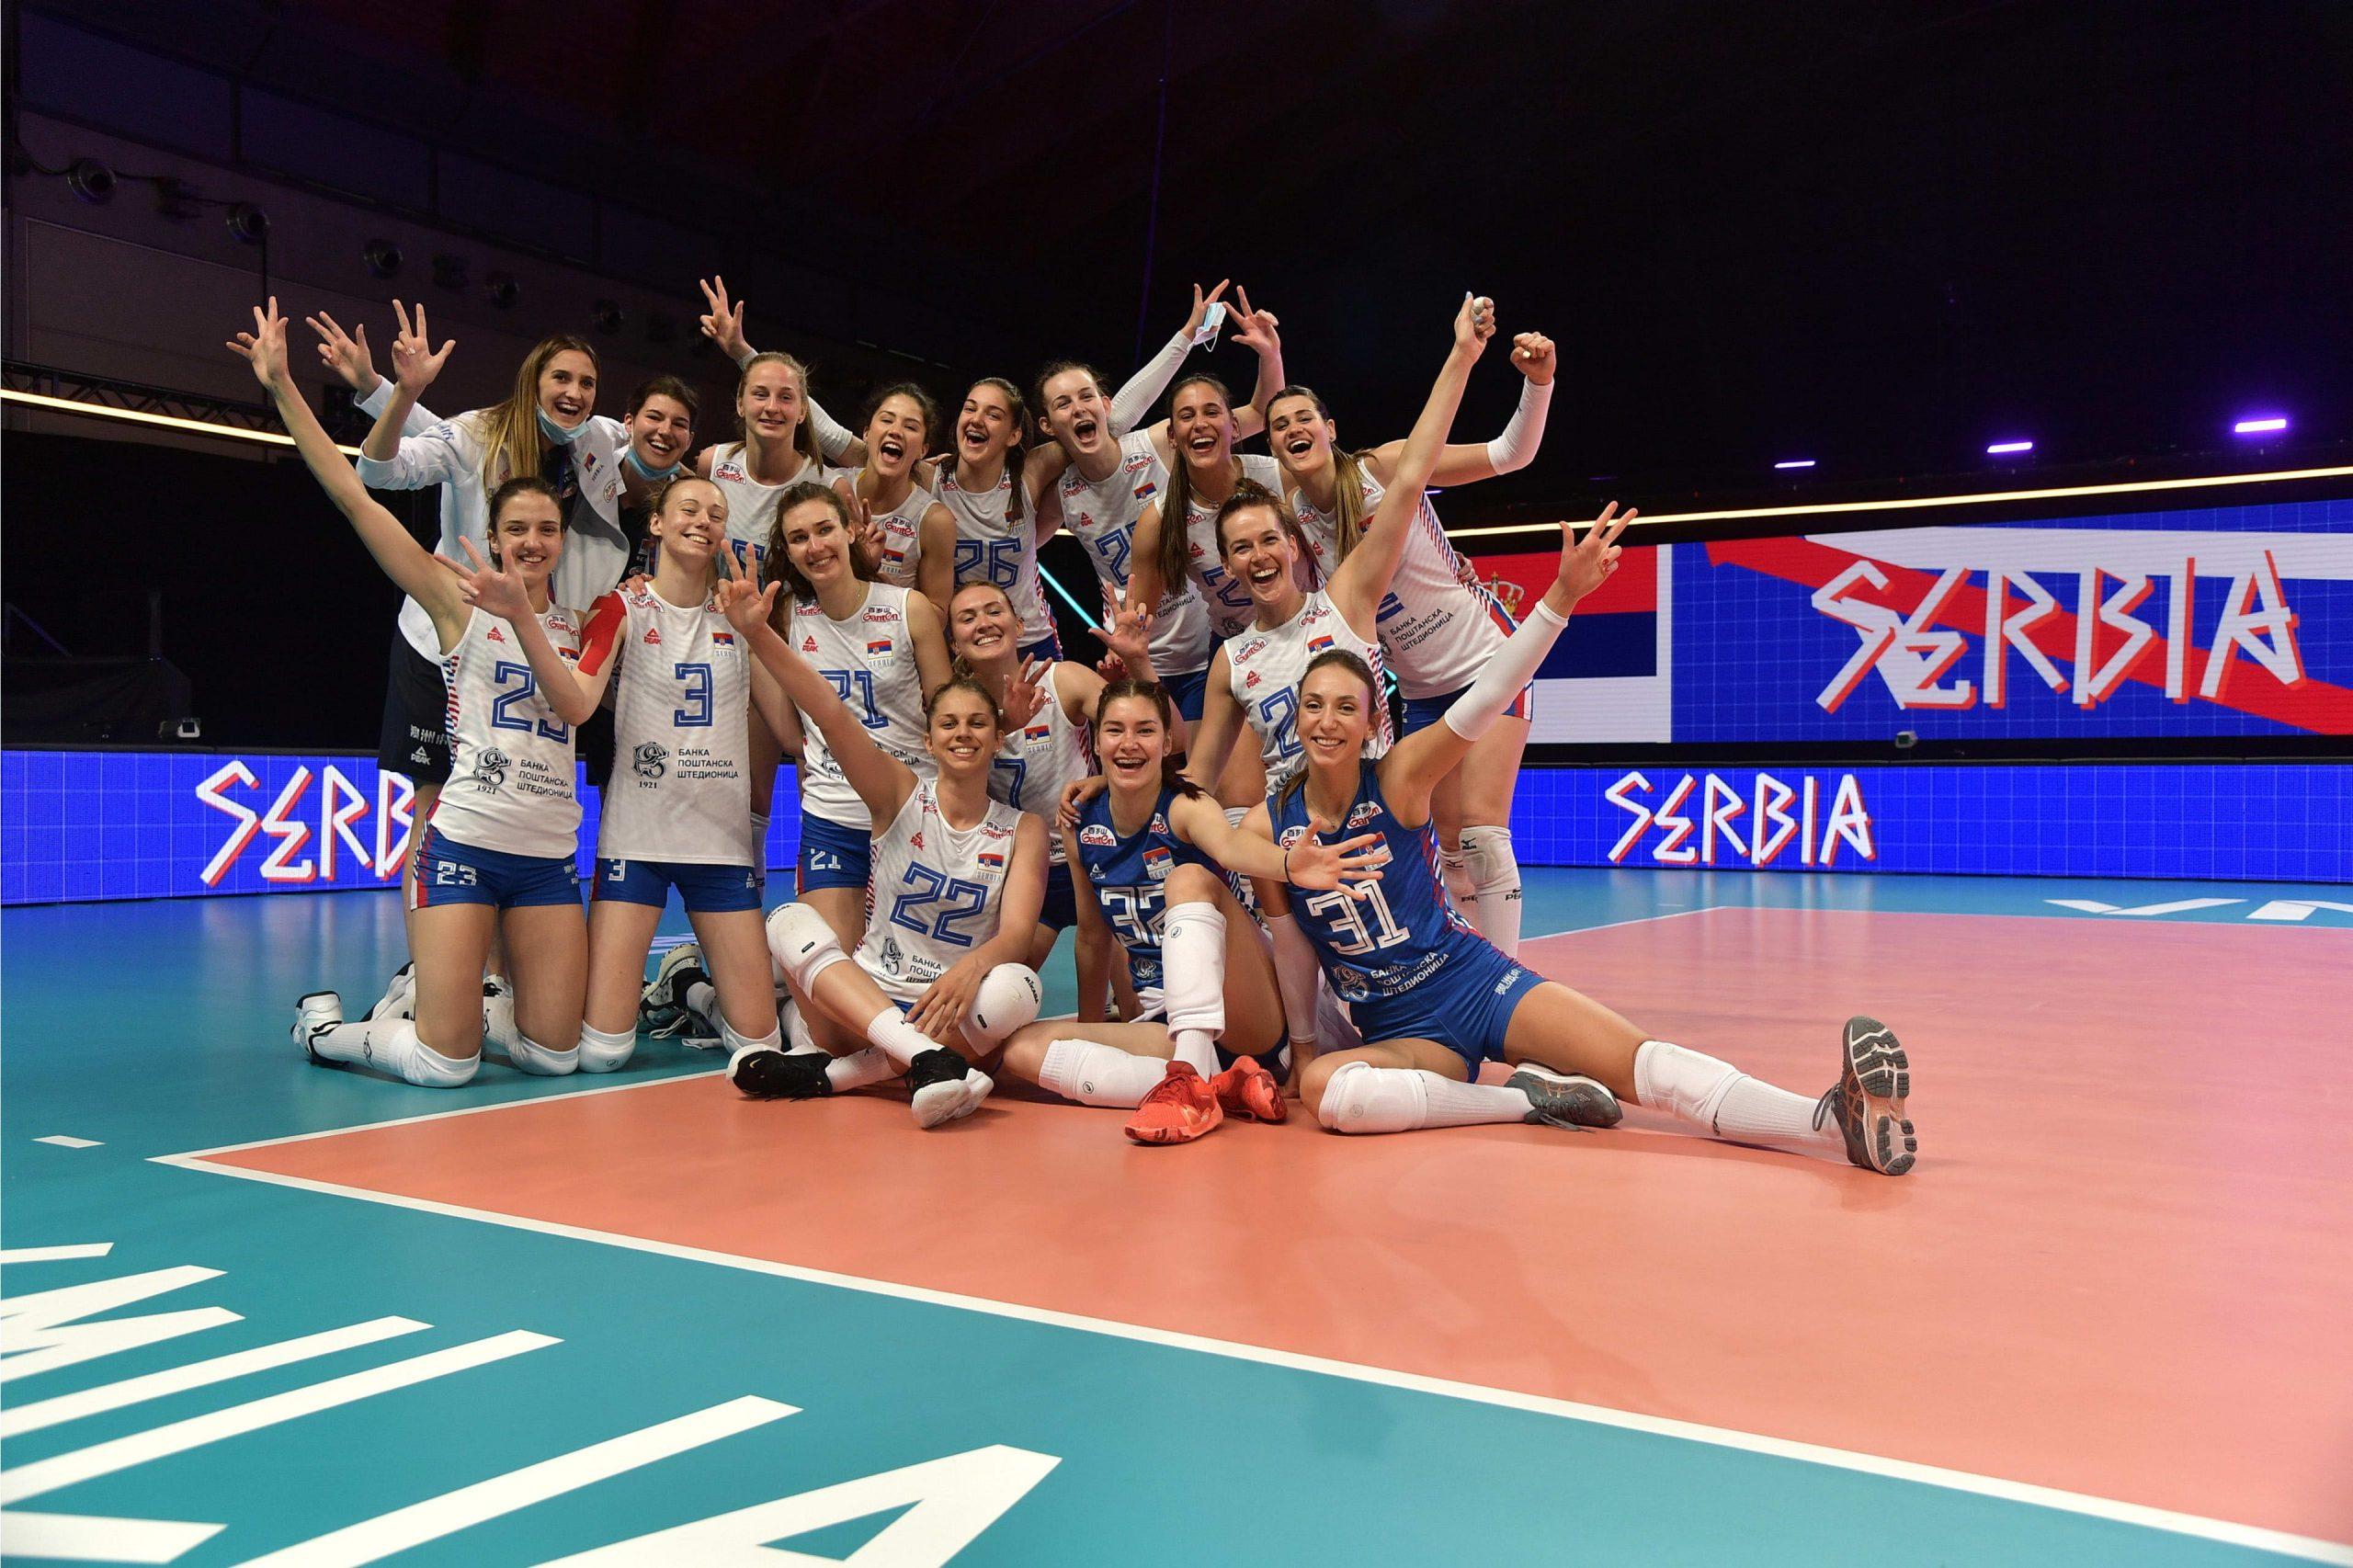 odbojkaška reprezentacija Srbije Liga nacija